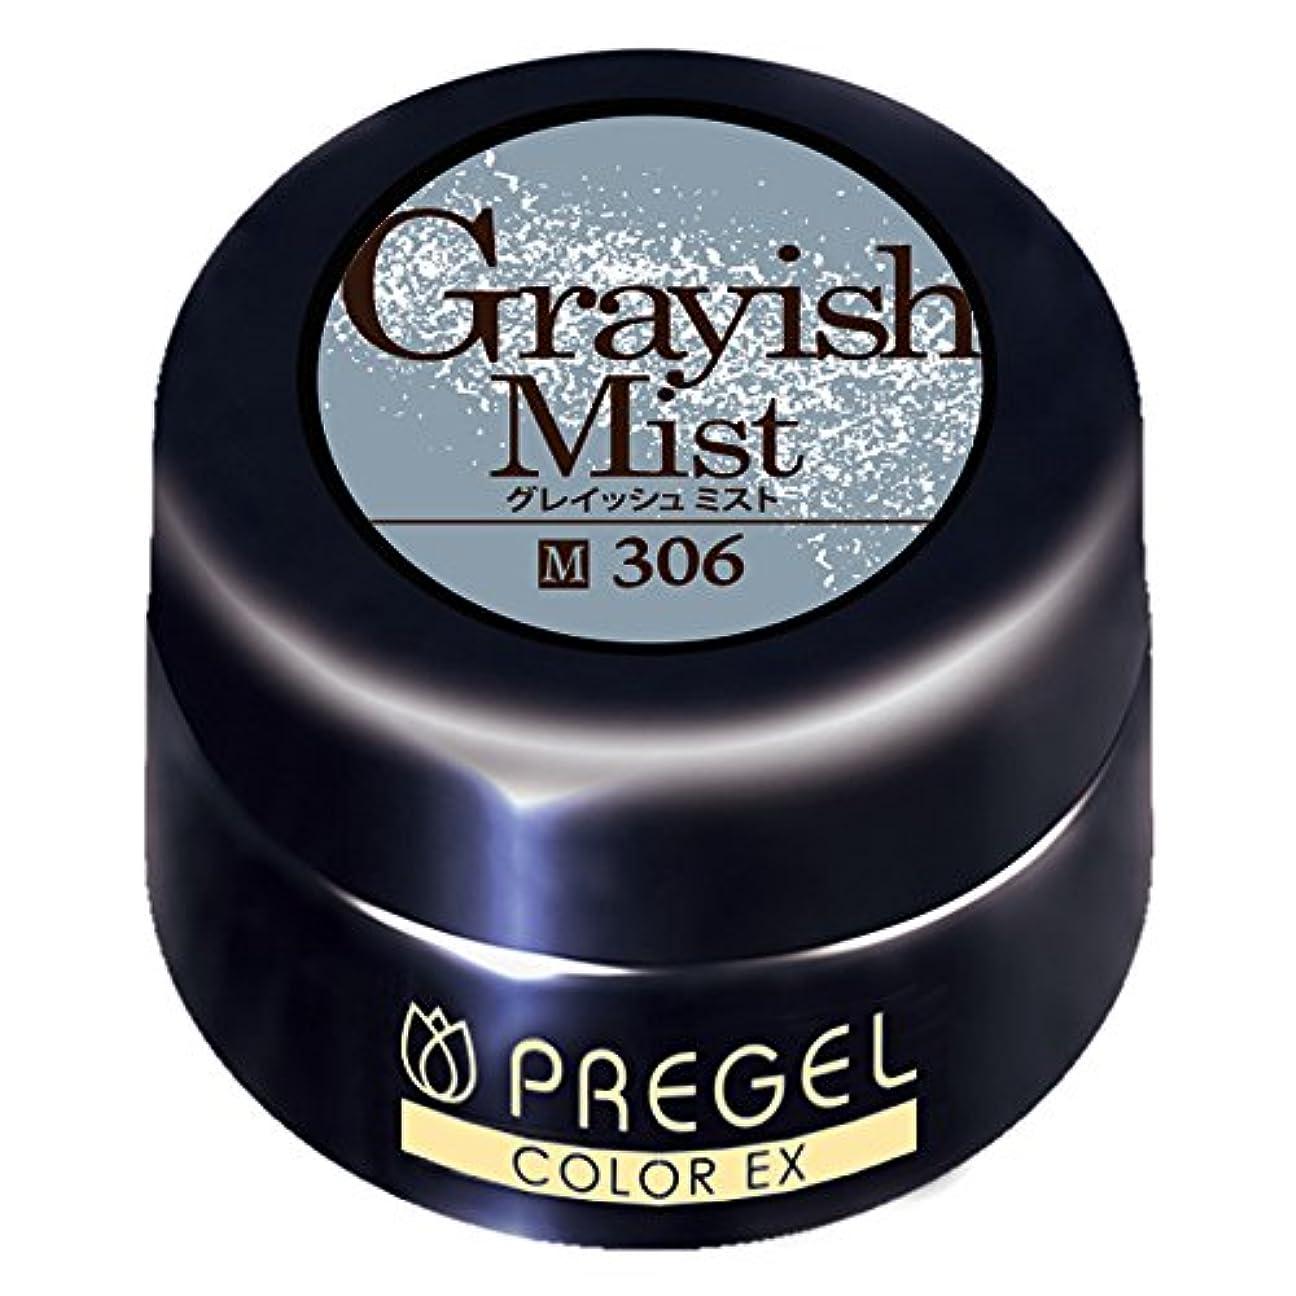 評価白菜ペナルティプリジェル ジェルネイル カラーEX グレイッシュミスト 4g PG-CE306